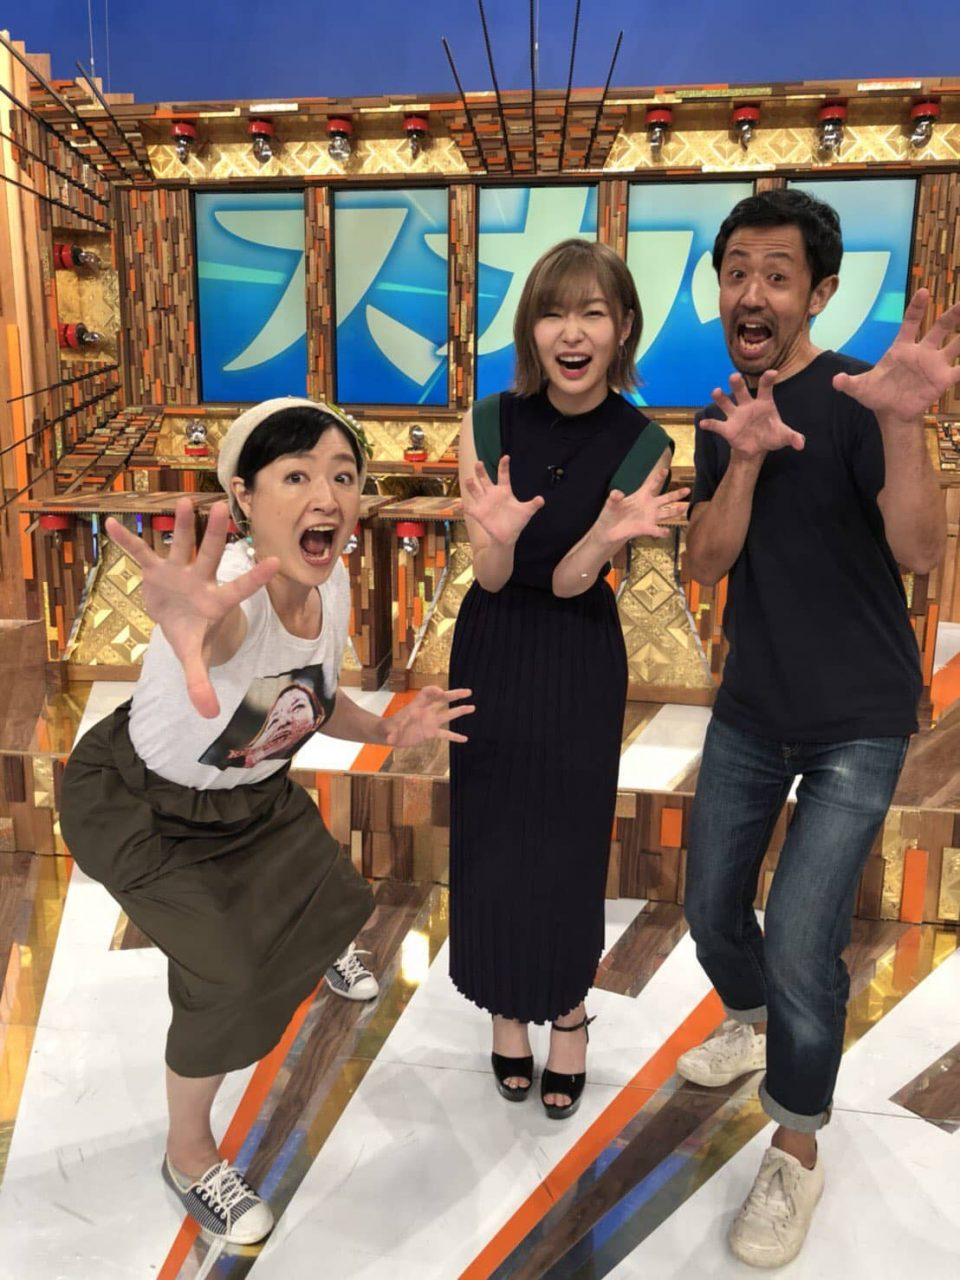 HKT48指原莉乃「痛快TV スカッとジャパン」いま話題『カメラを止めるな!』俳優陣が続々登場! [8/13 19:57~]